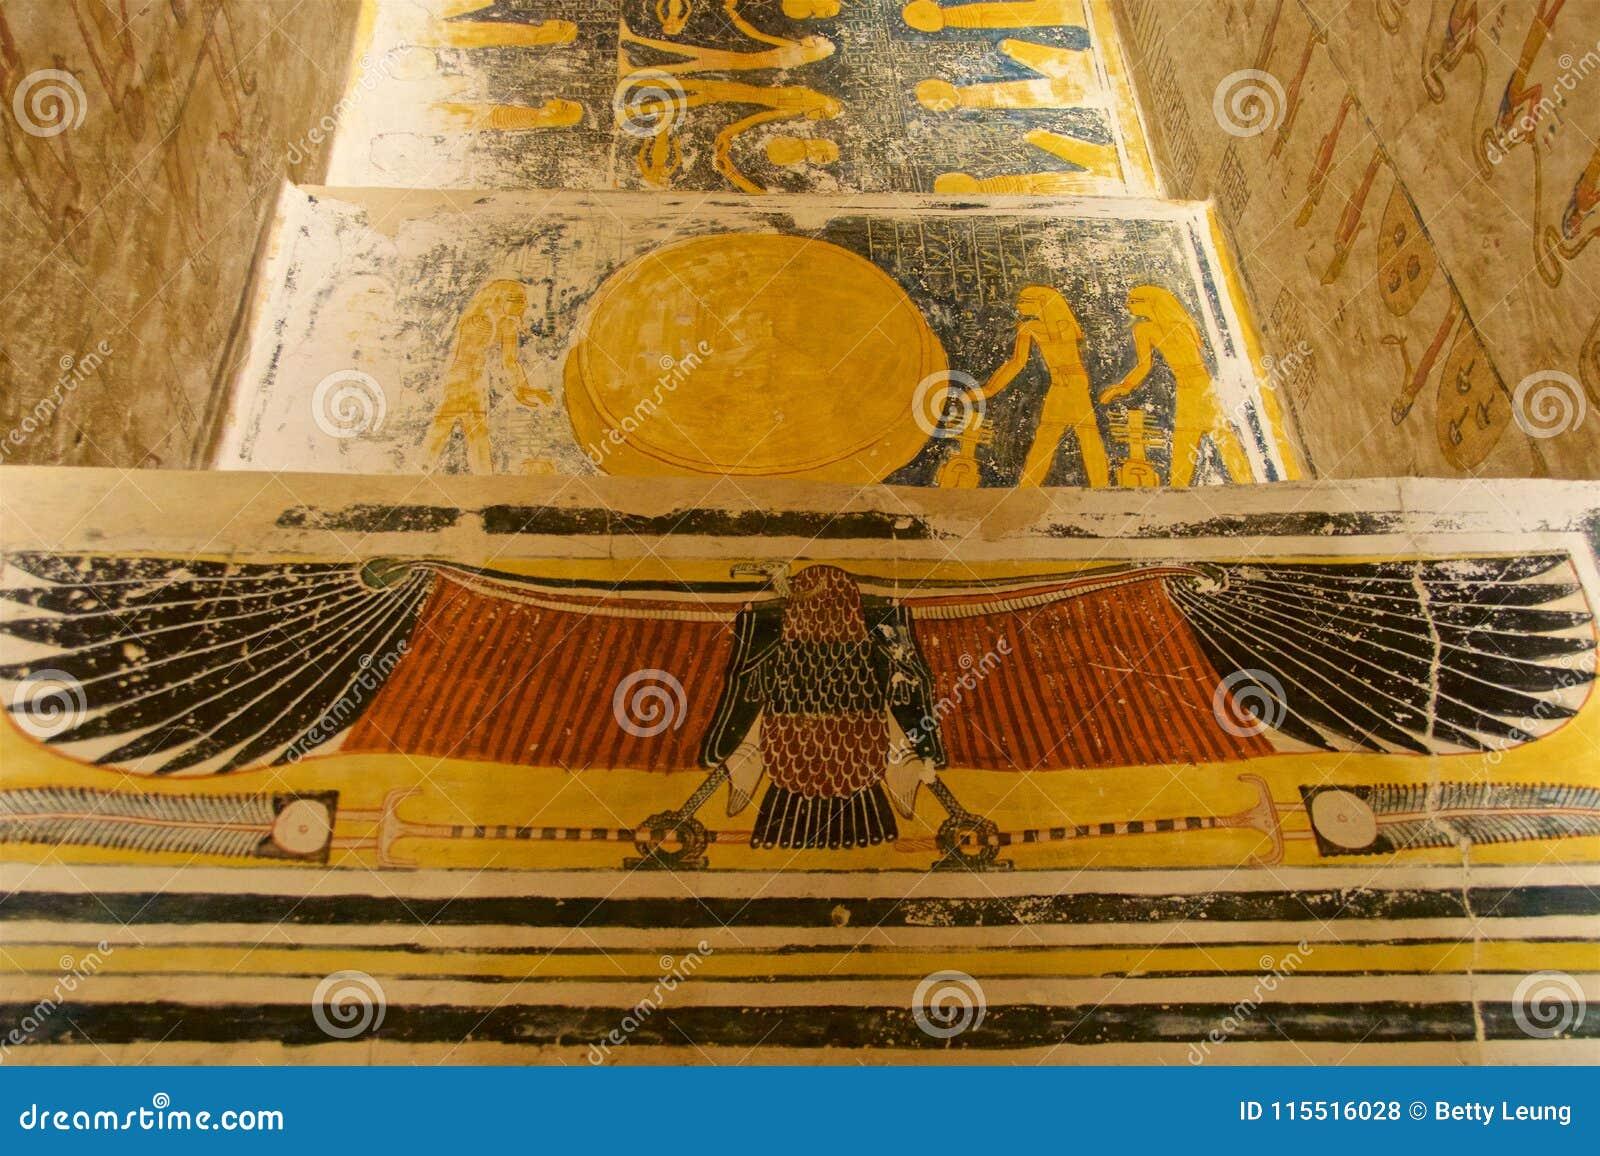 Ζωγραφική που βρίσκεται στον τάφο του βασιλιά Tut στην κοιλάδα των βασιλιάδων σε Luxor, Αίγυπτος